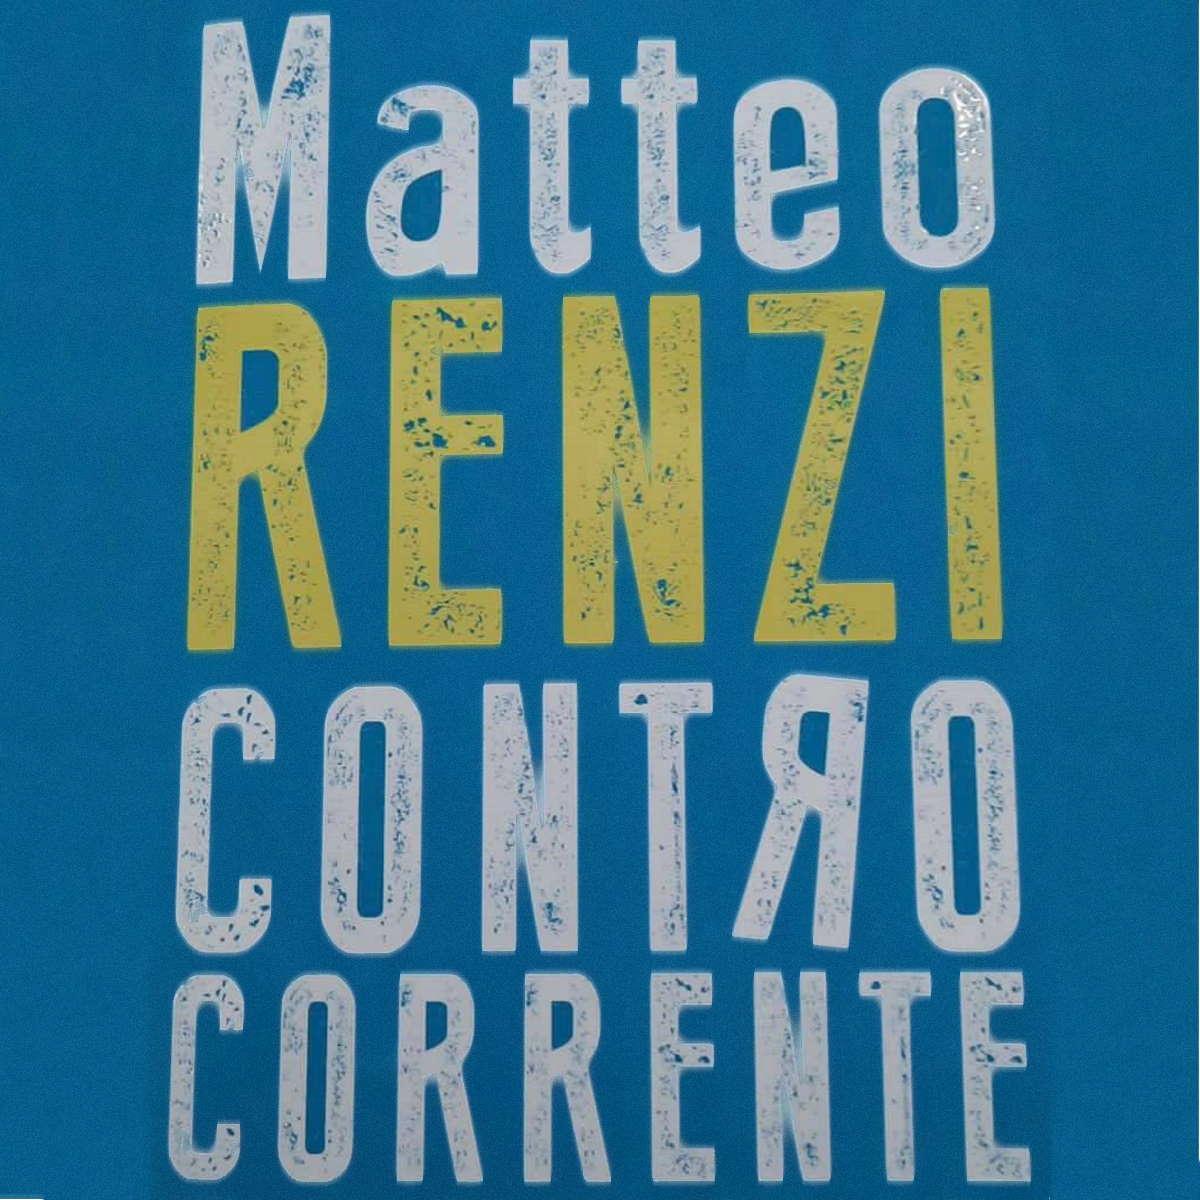 ControCorrente? Più che altro contro ogni logica dare a Renzi 18 euro per farsi raccontare ciò che già ci ripete giornalmente